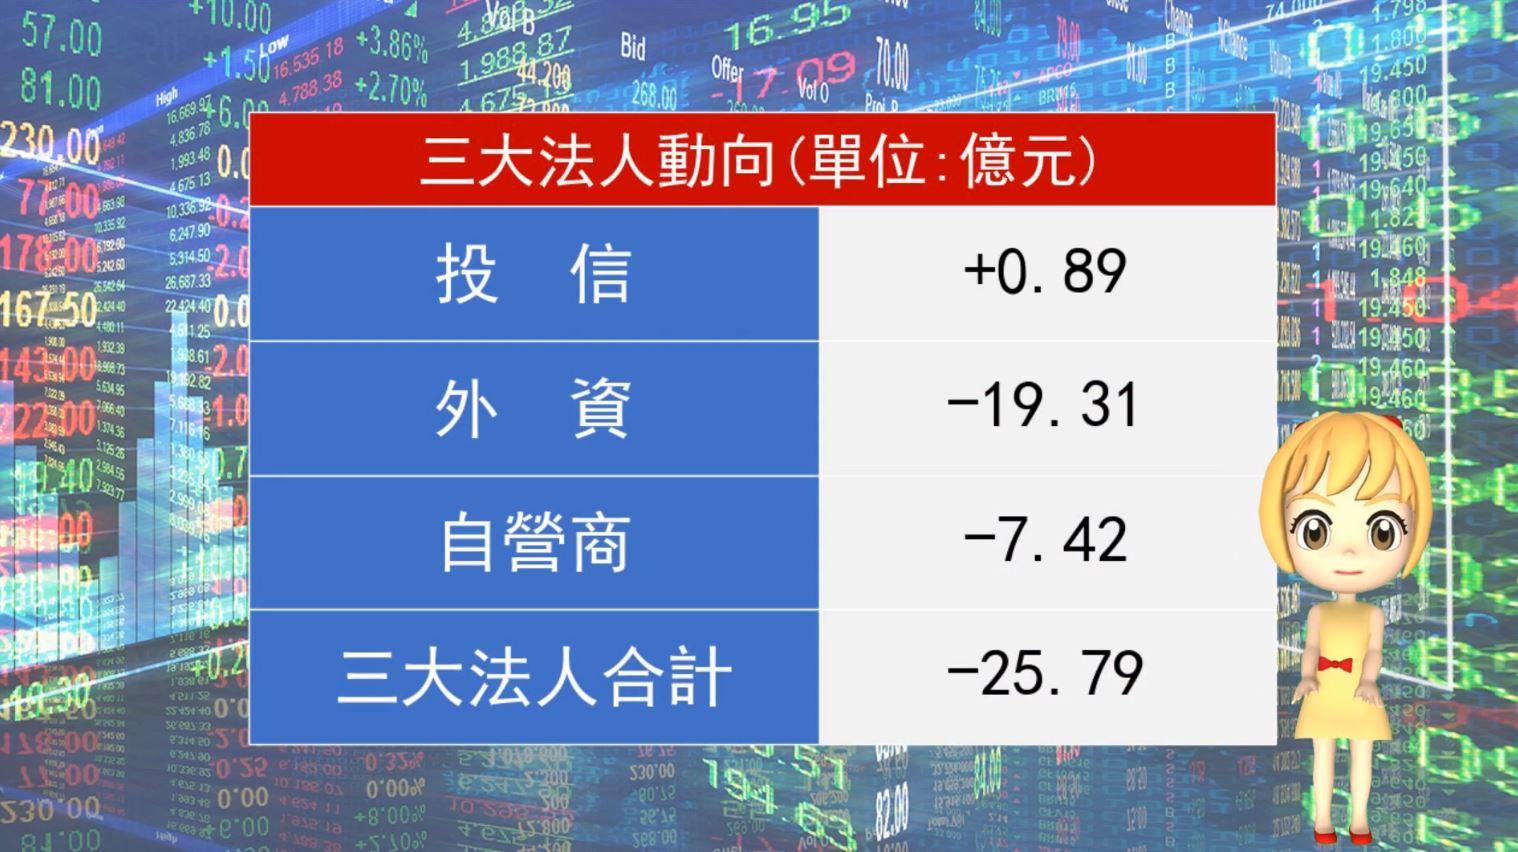 【華爾街女孩投資bar】8/21晚間財經快報